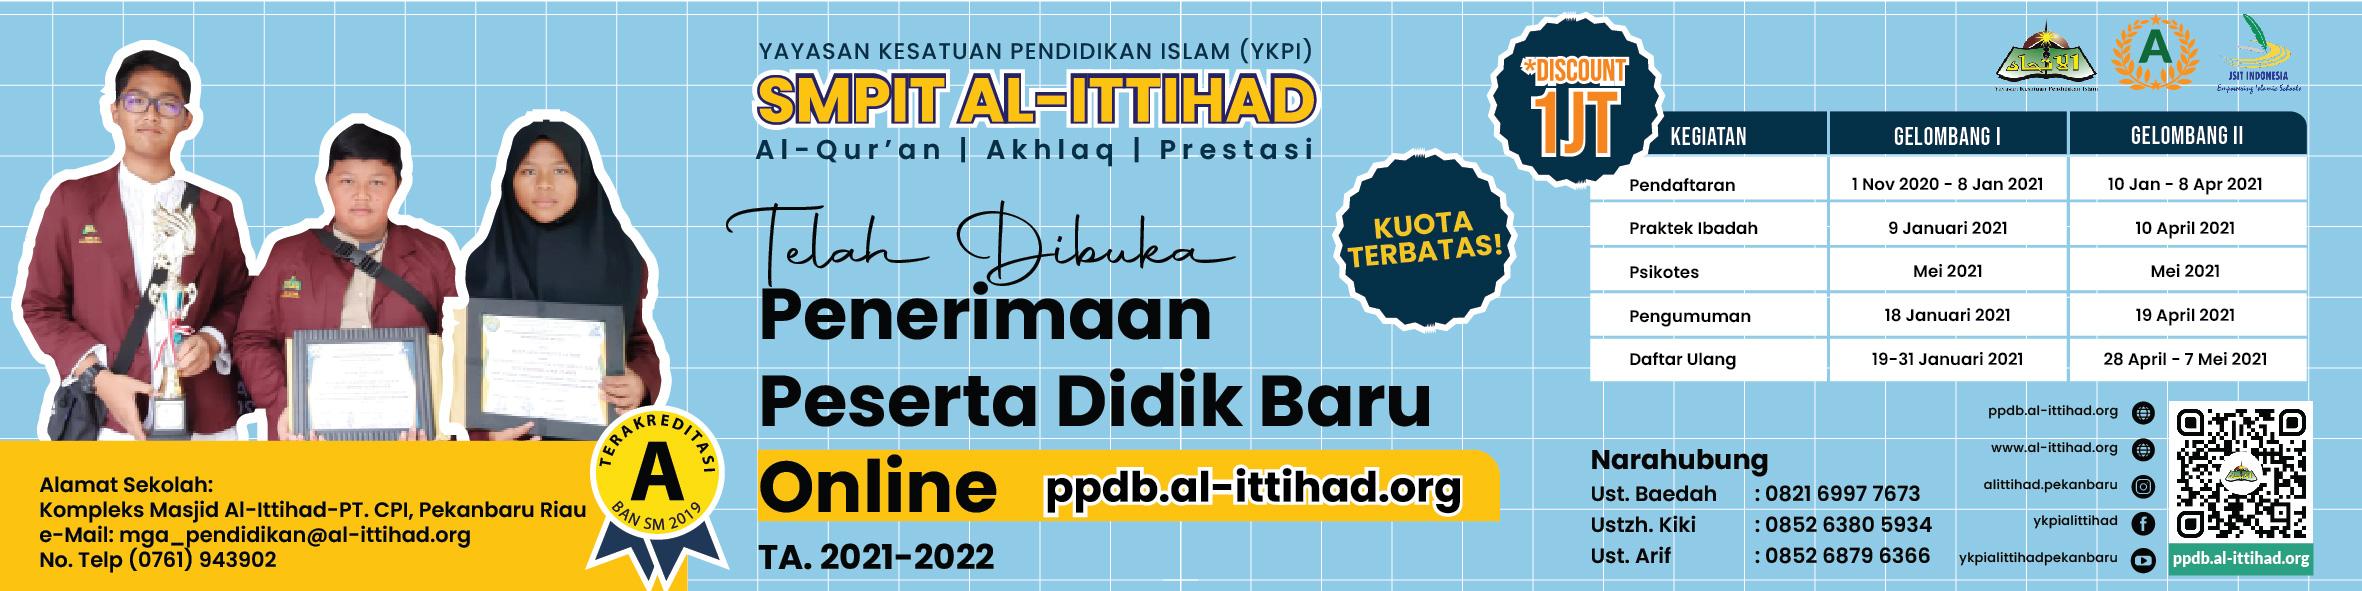 PPDB SMPIT AL-ITTIHAD PEKANBARU TA.2021/2022